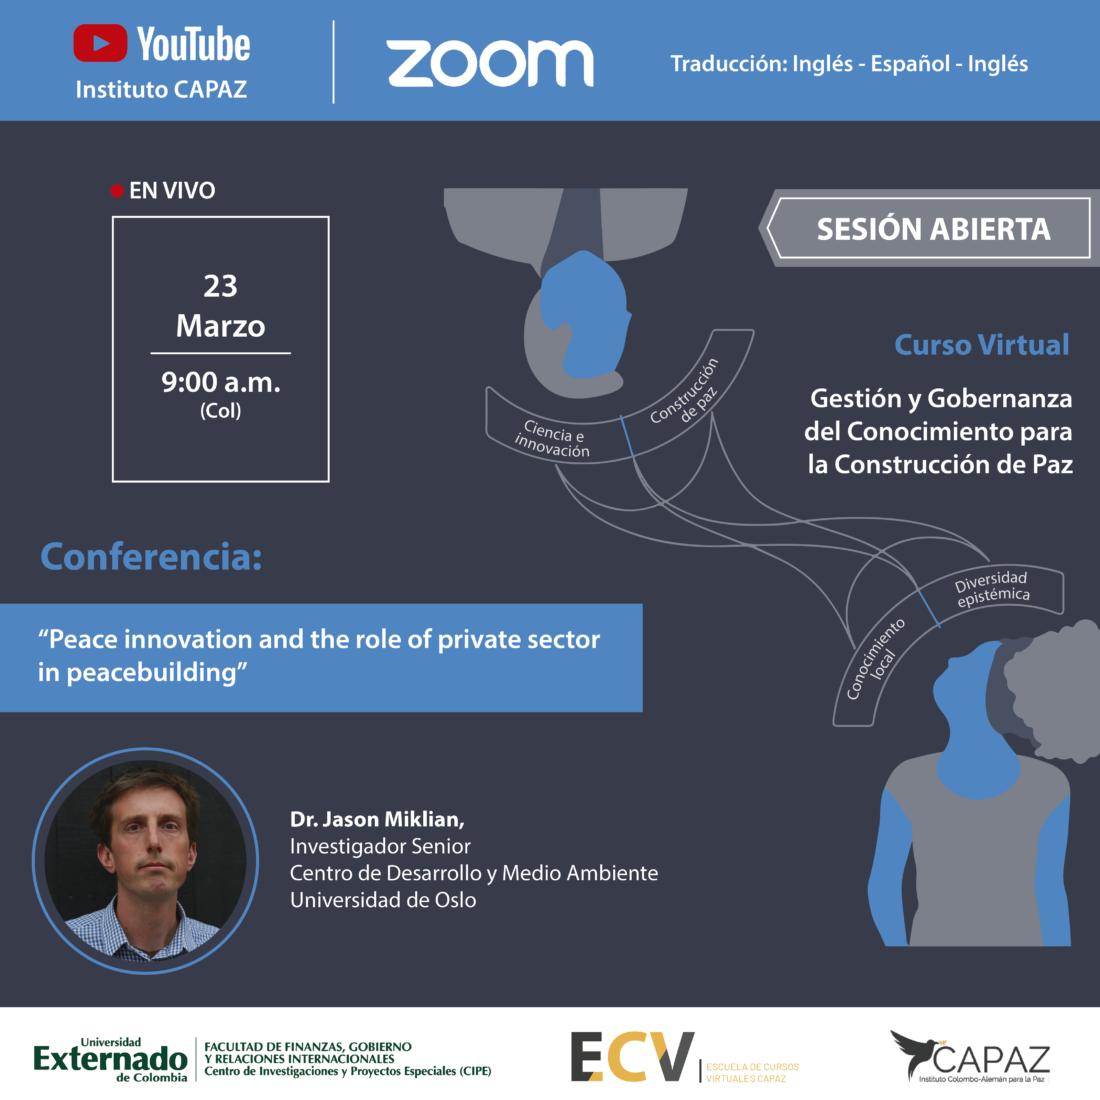 El curso virtual sobre gestión y gobernanza del conocimiento para la construcción de paz se desarrolla como parte de la ECV CAPAZ, escuela de cursos virtuales CAPAZ, en asocio con la Universidad Externado de Colombia.